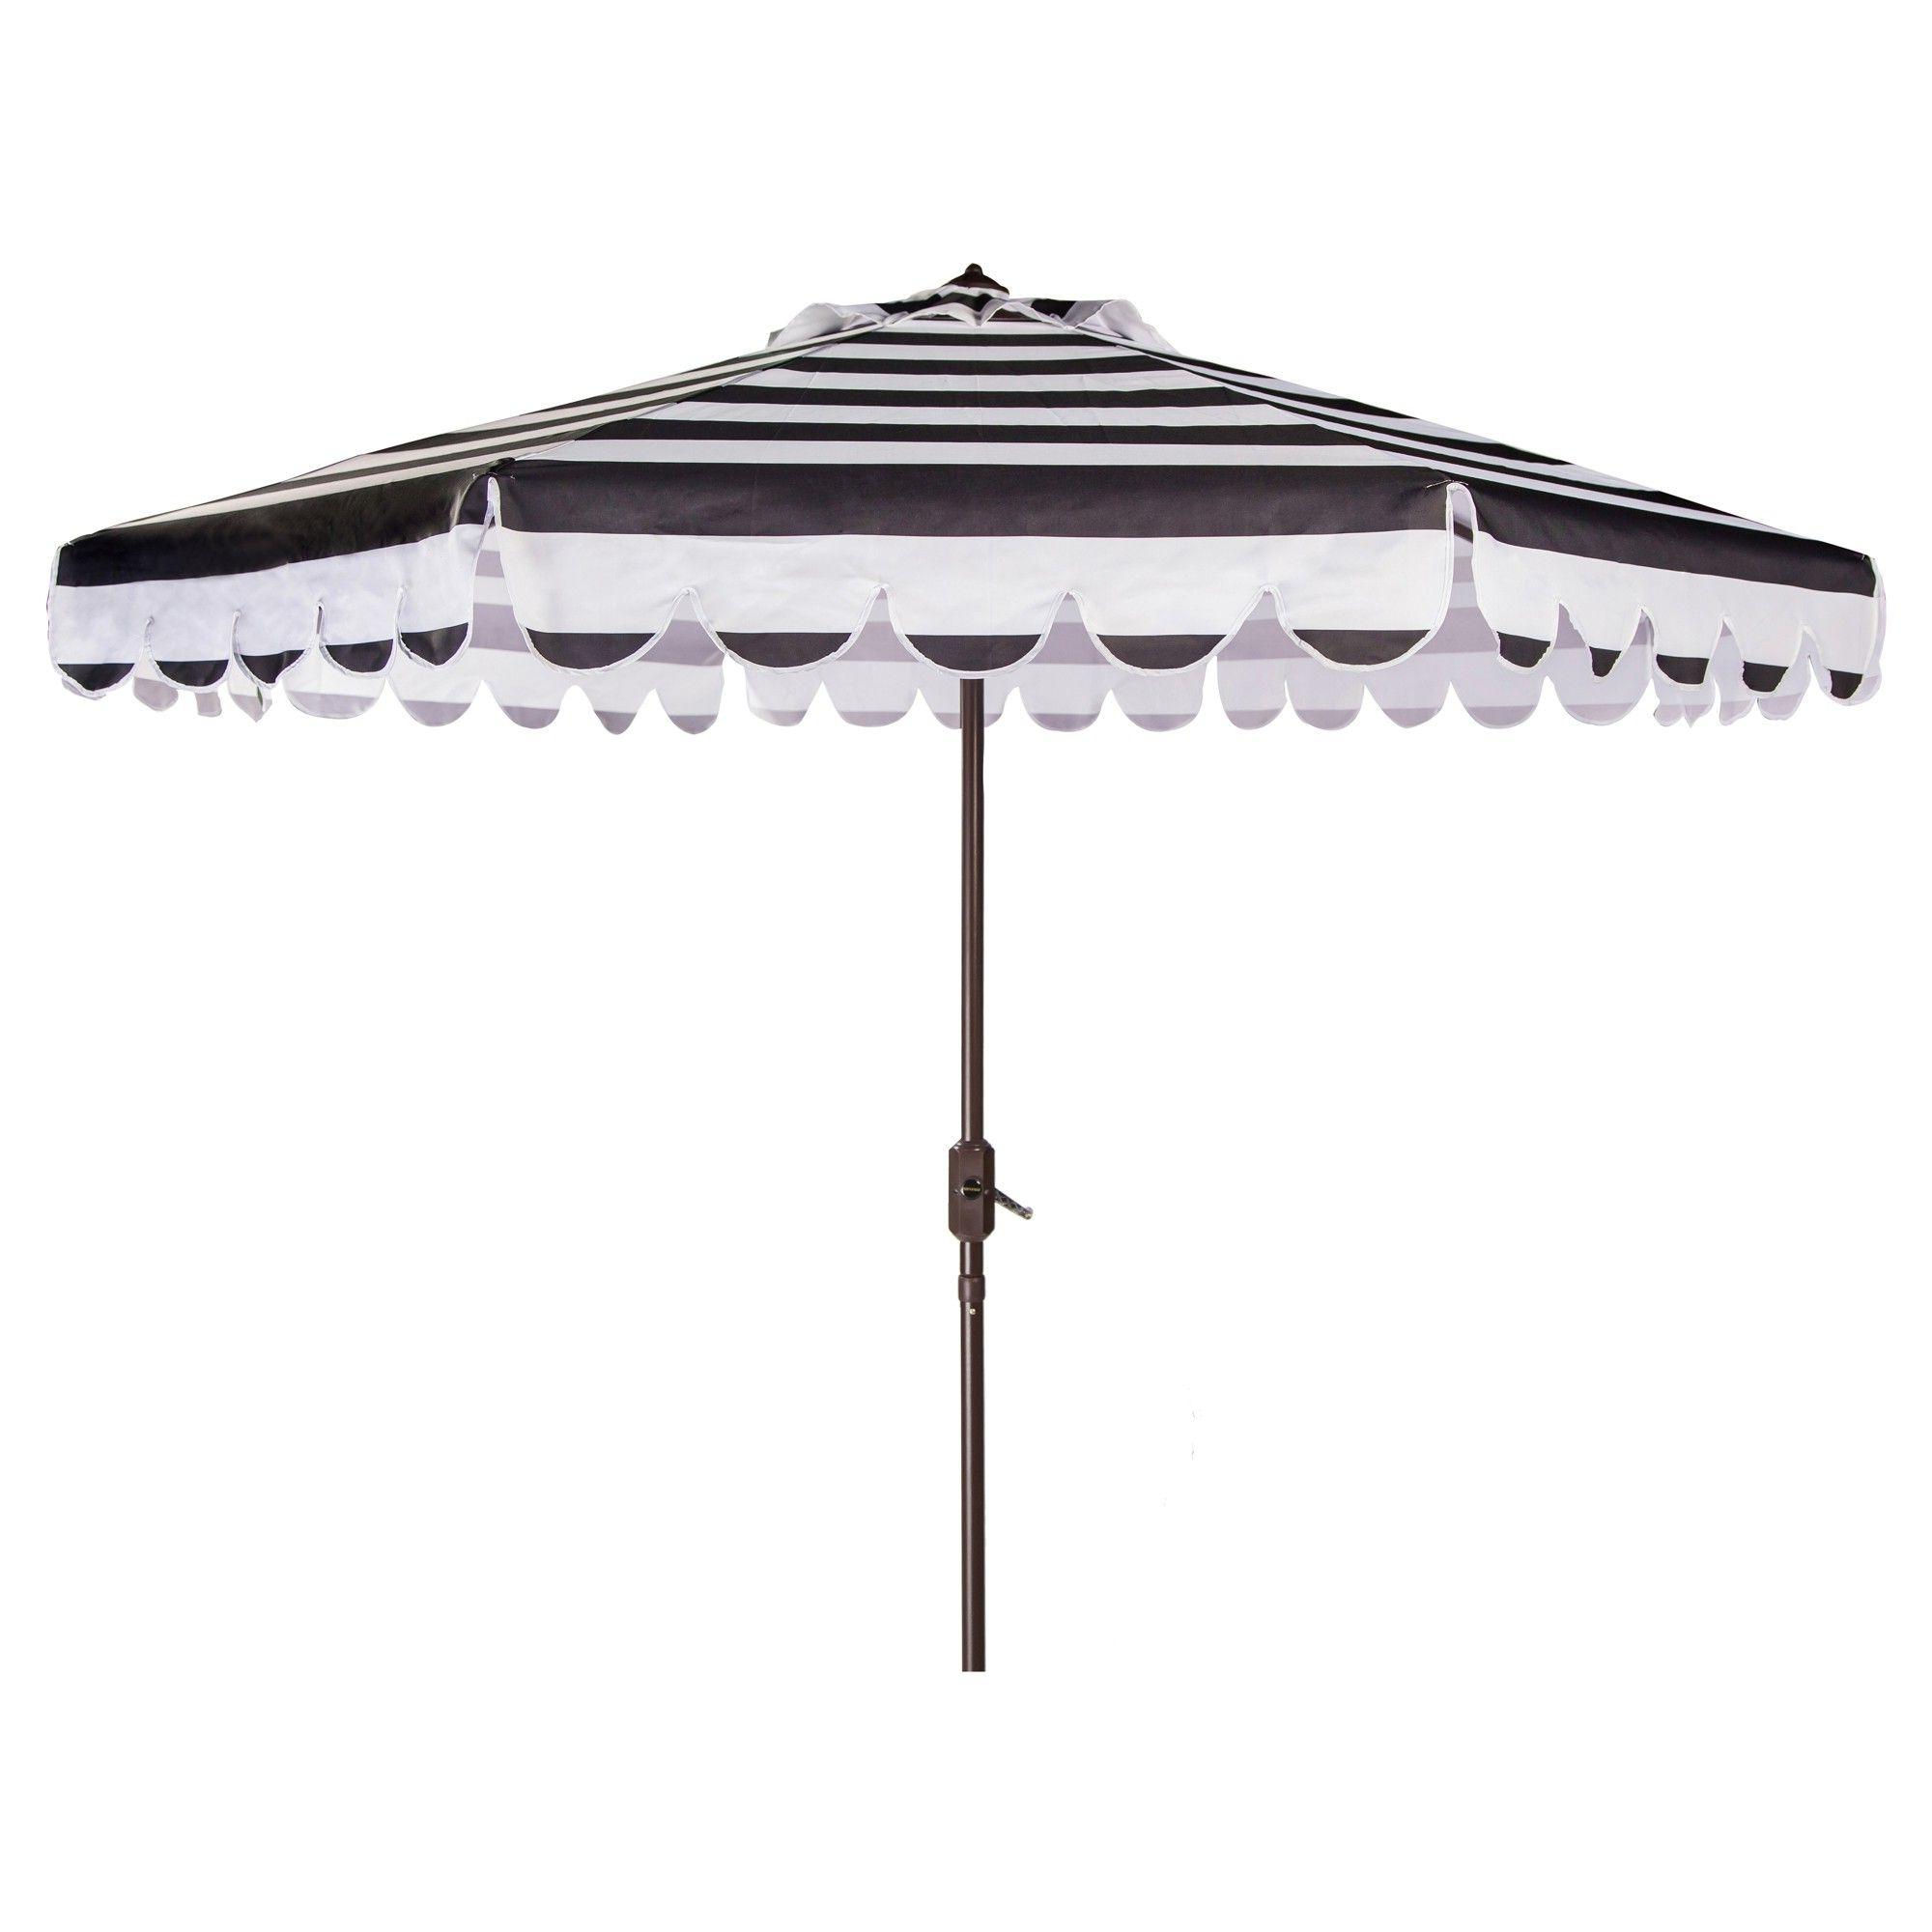 Maui Single Scallop Striped 9' Crank Auto Tilt Umbrella – Black With Popular Black And White Striped Patio Umbrellas (View 4 of 20)